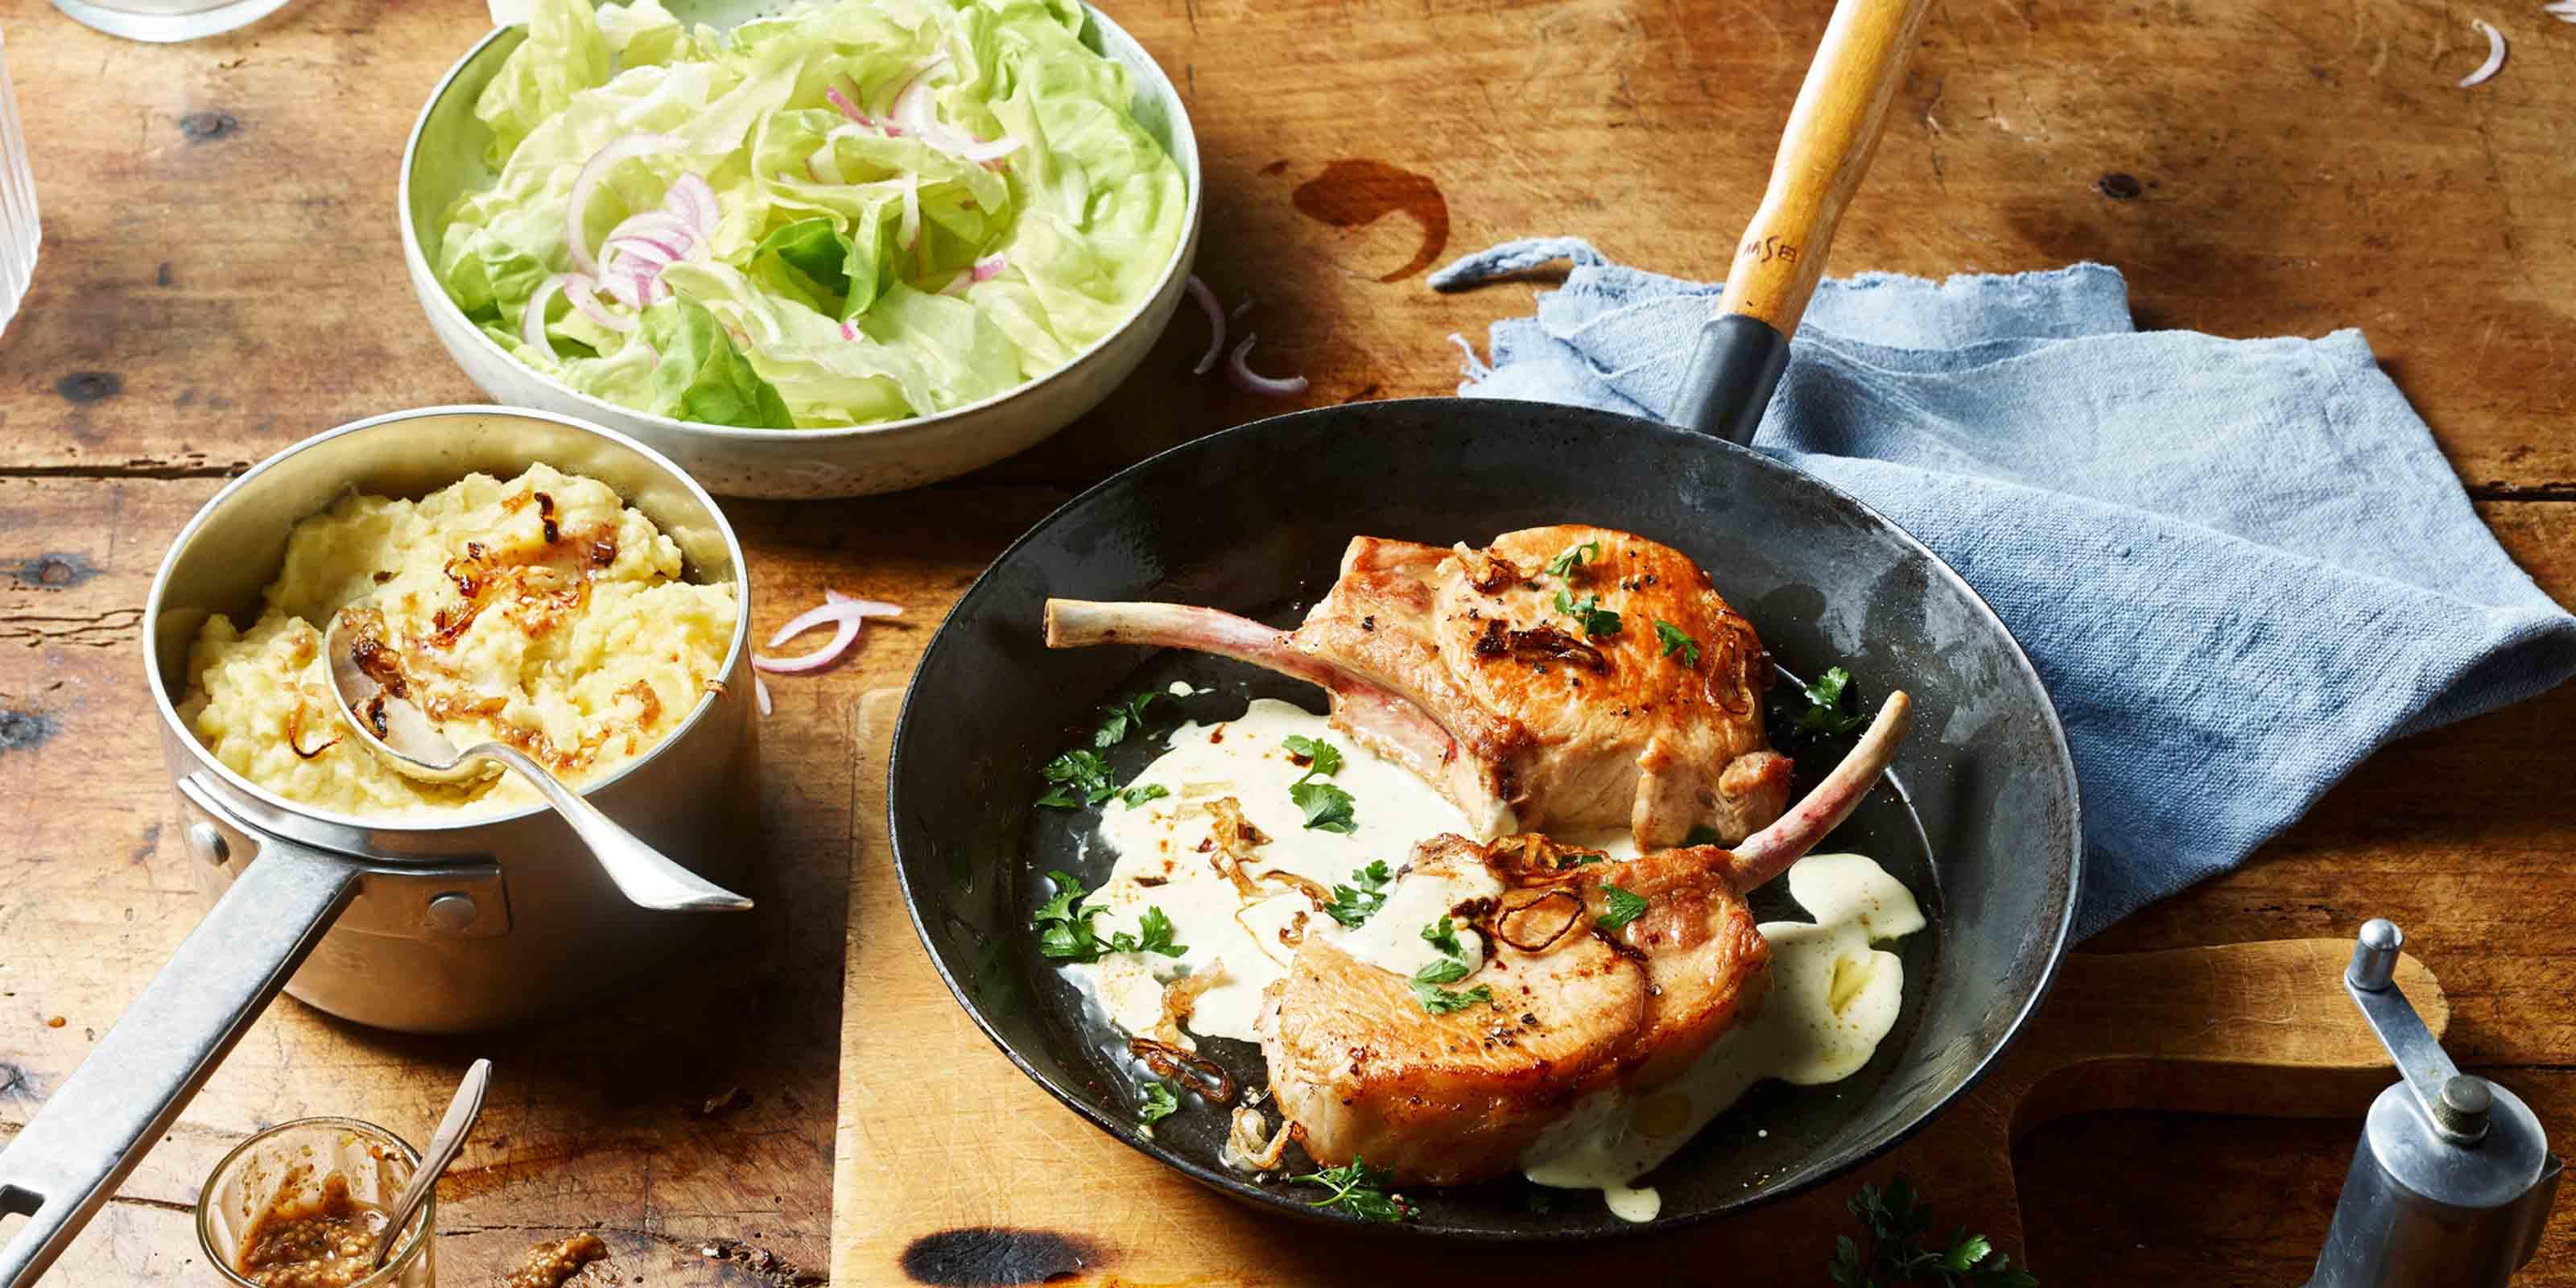 Rezept für Schweinekoteletts mit cremiger Käsesauce und Senf-Kartoffelstampf